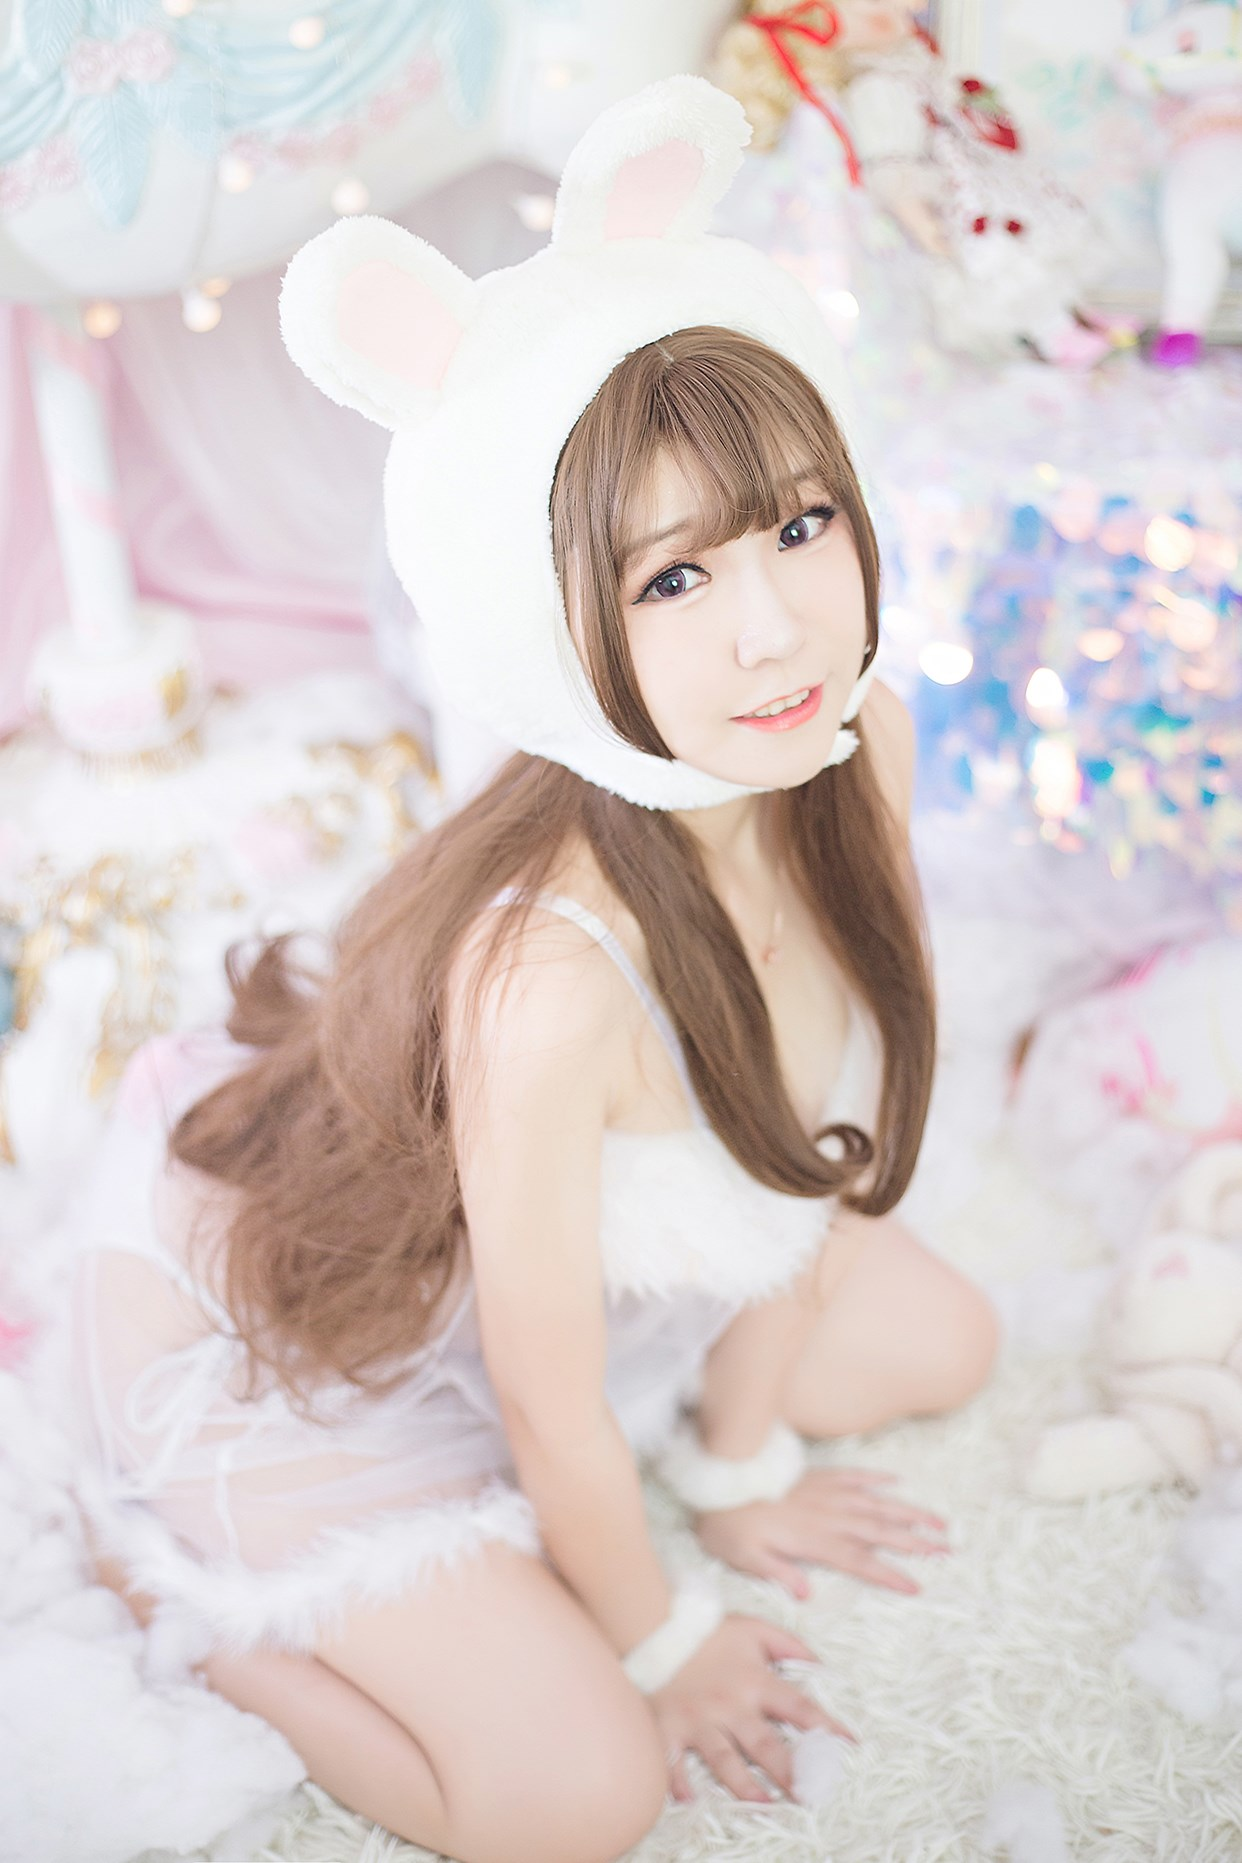 【兔玩映画】vol.01-萌喵喵 兔玩映画 第1张